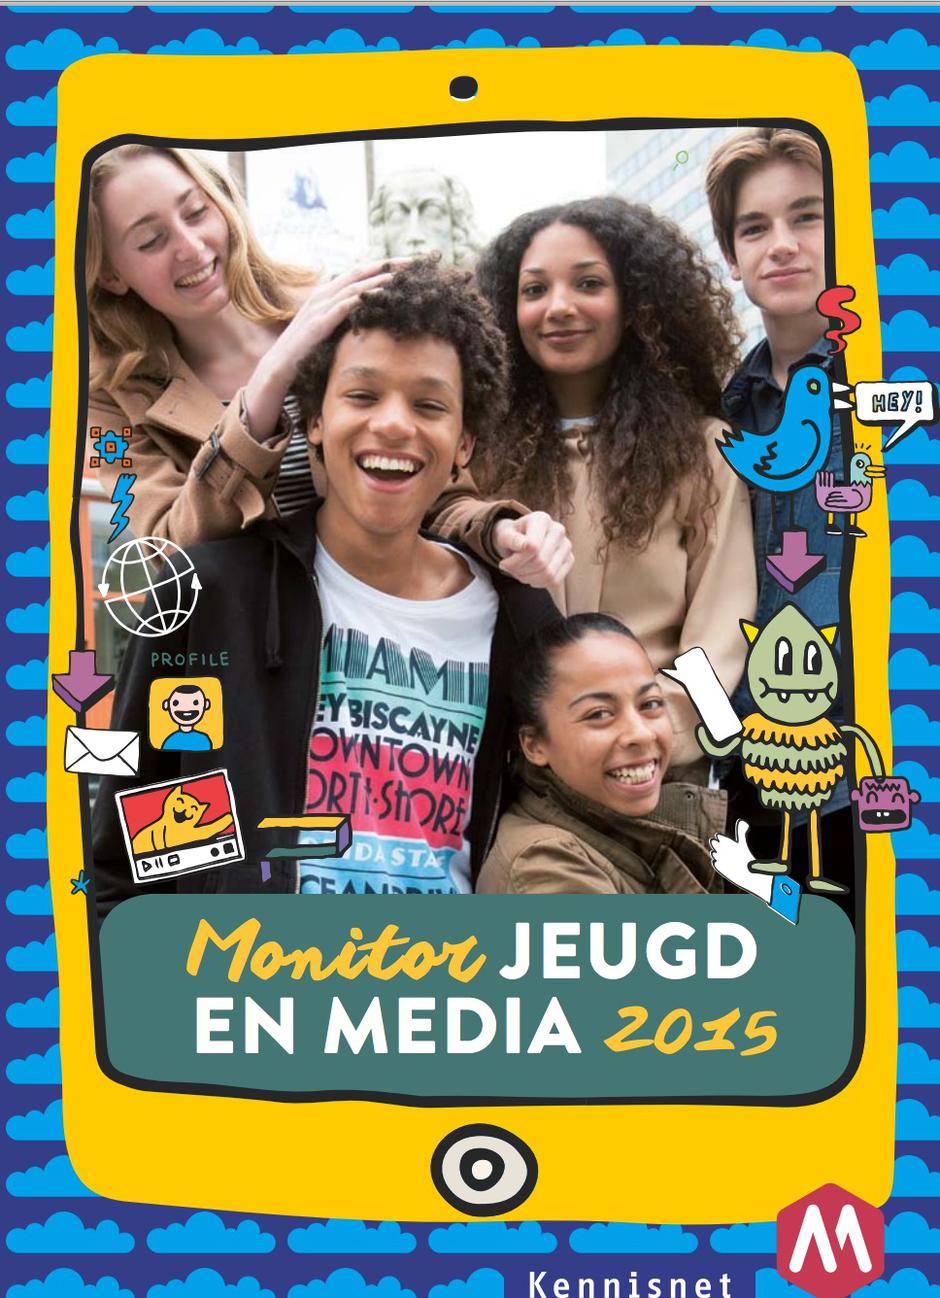 Monitor Jeugd en Media 2015 Kennisnet en Mediawijzer.net